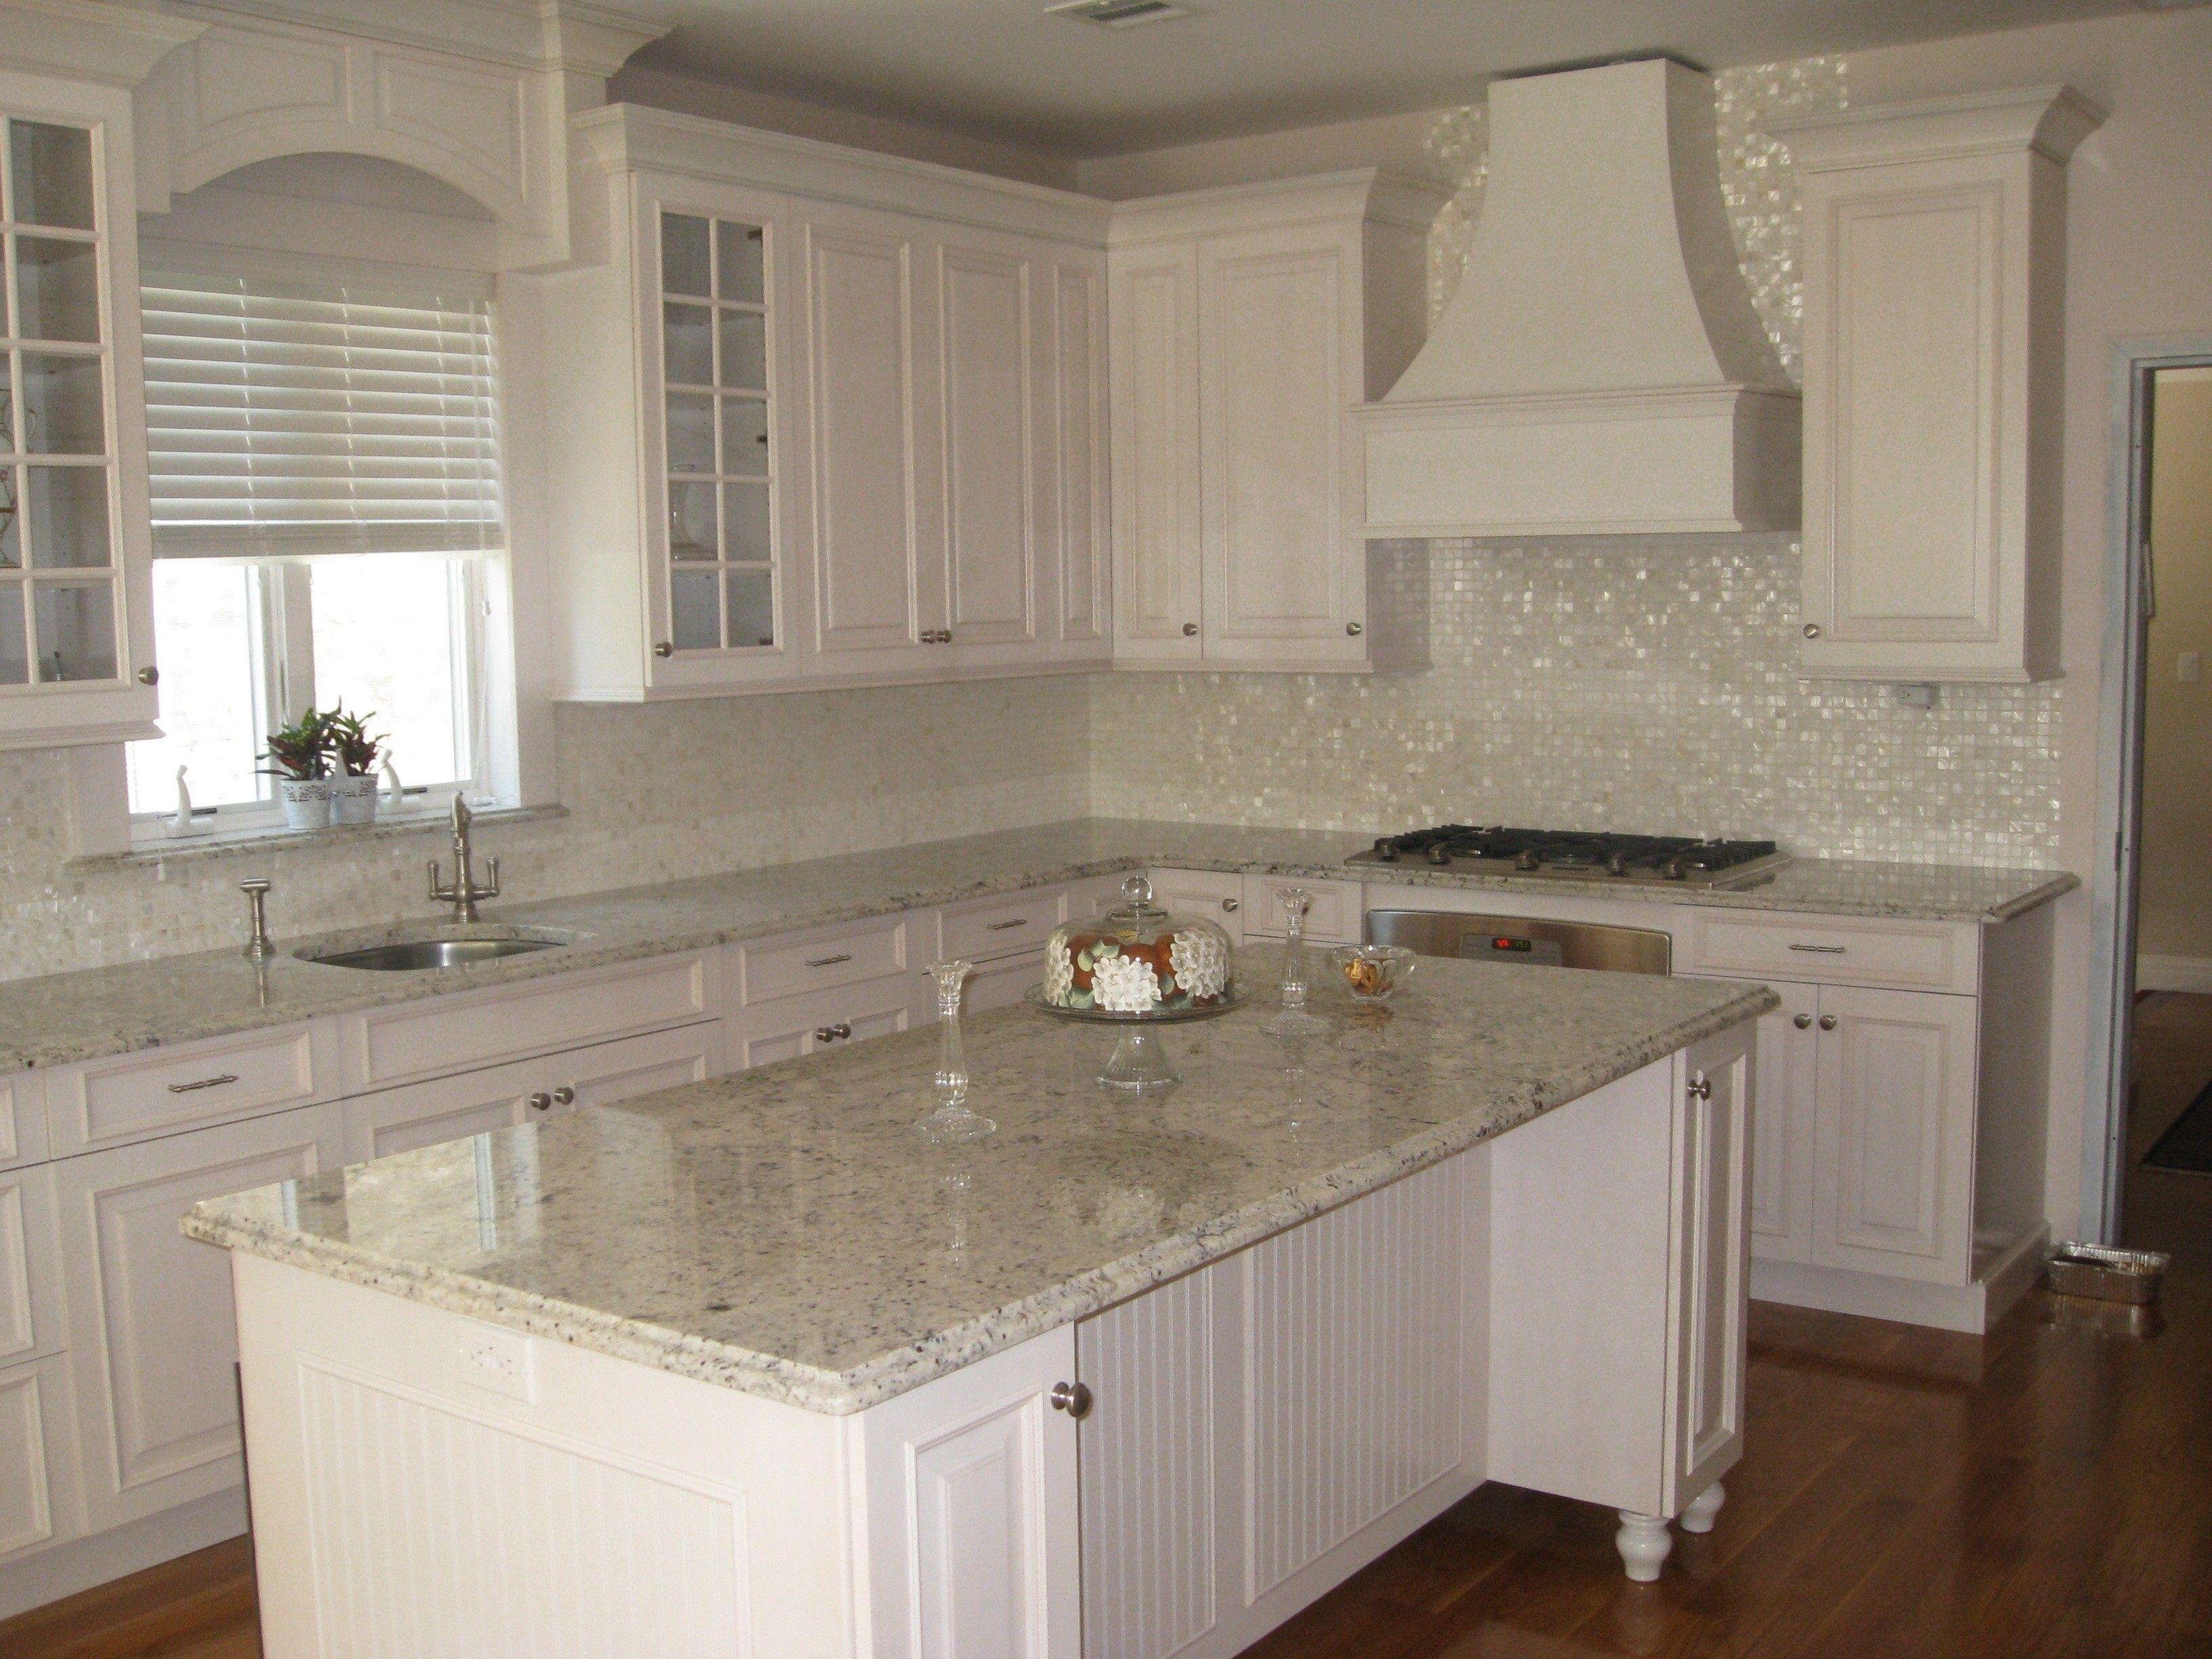 Cloud White Glimmer Glass Tile Home Decor Pinterest Glass Tile